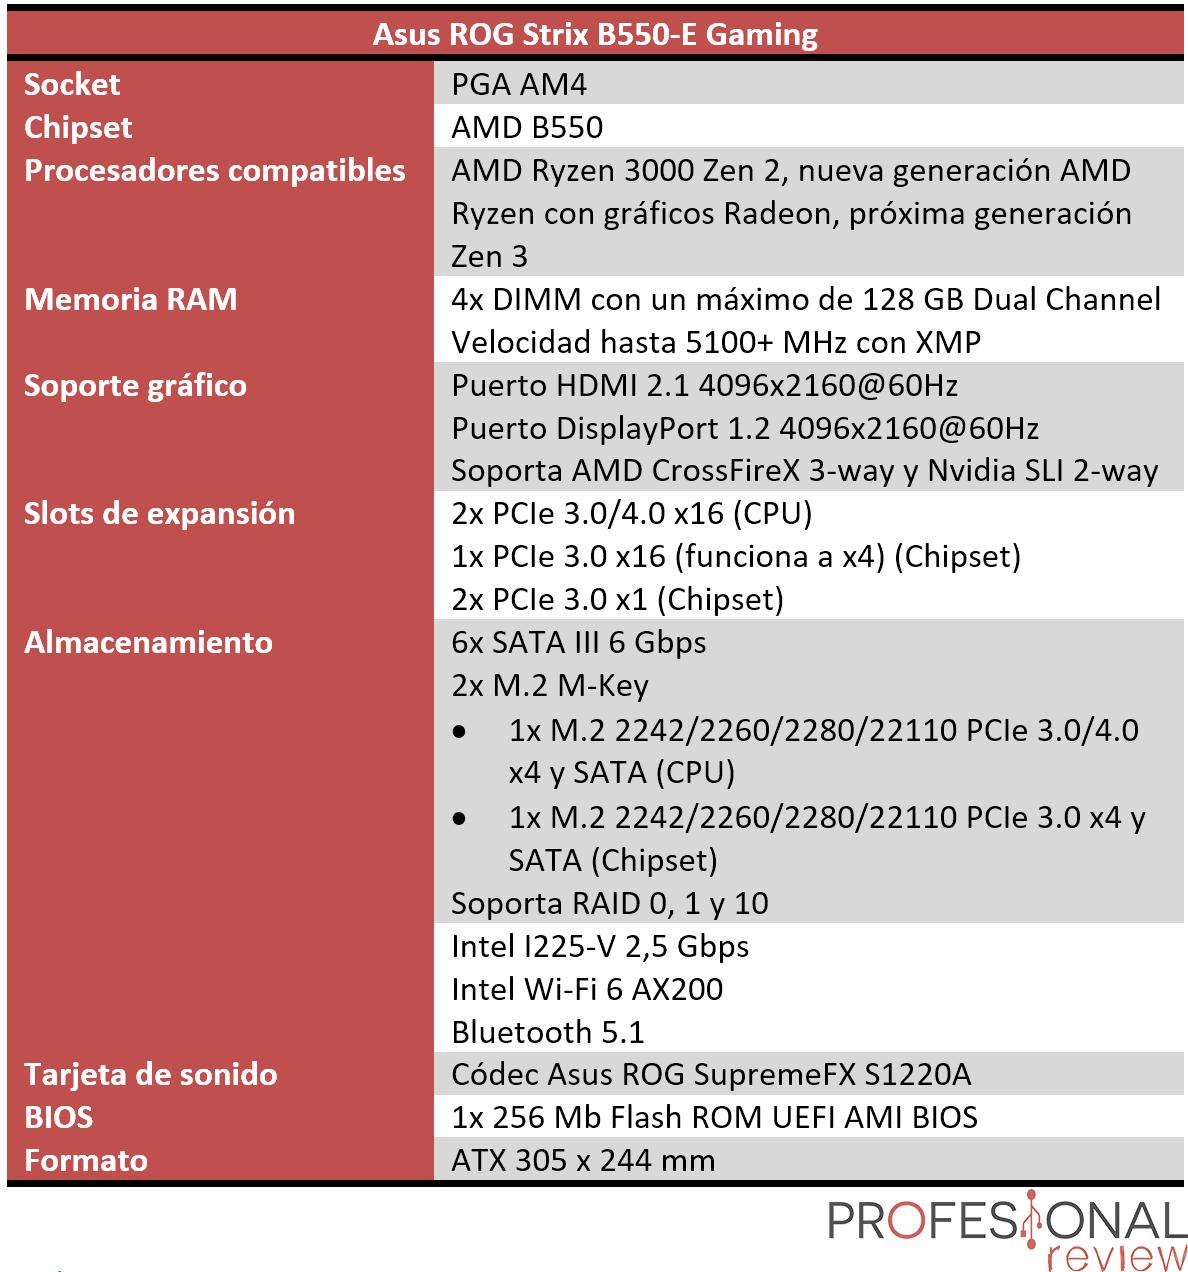 Asus ROG Strix B550-E Gaming Características